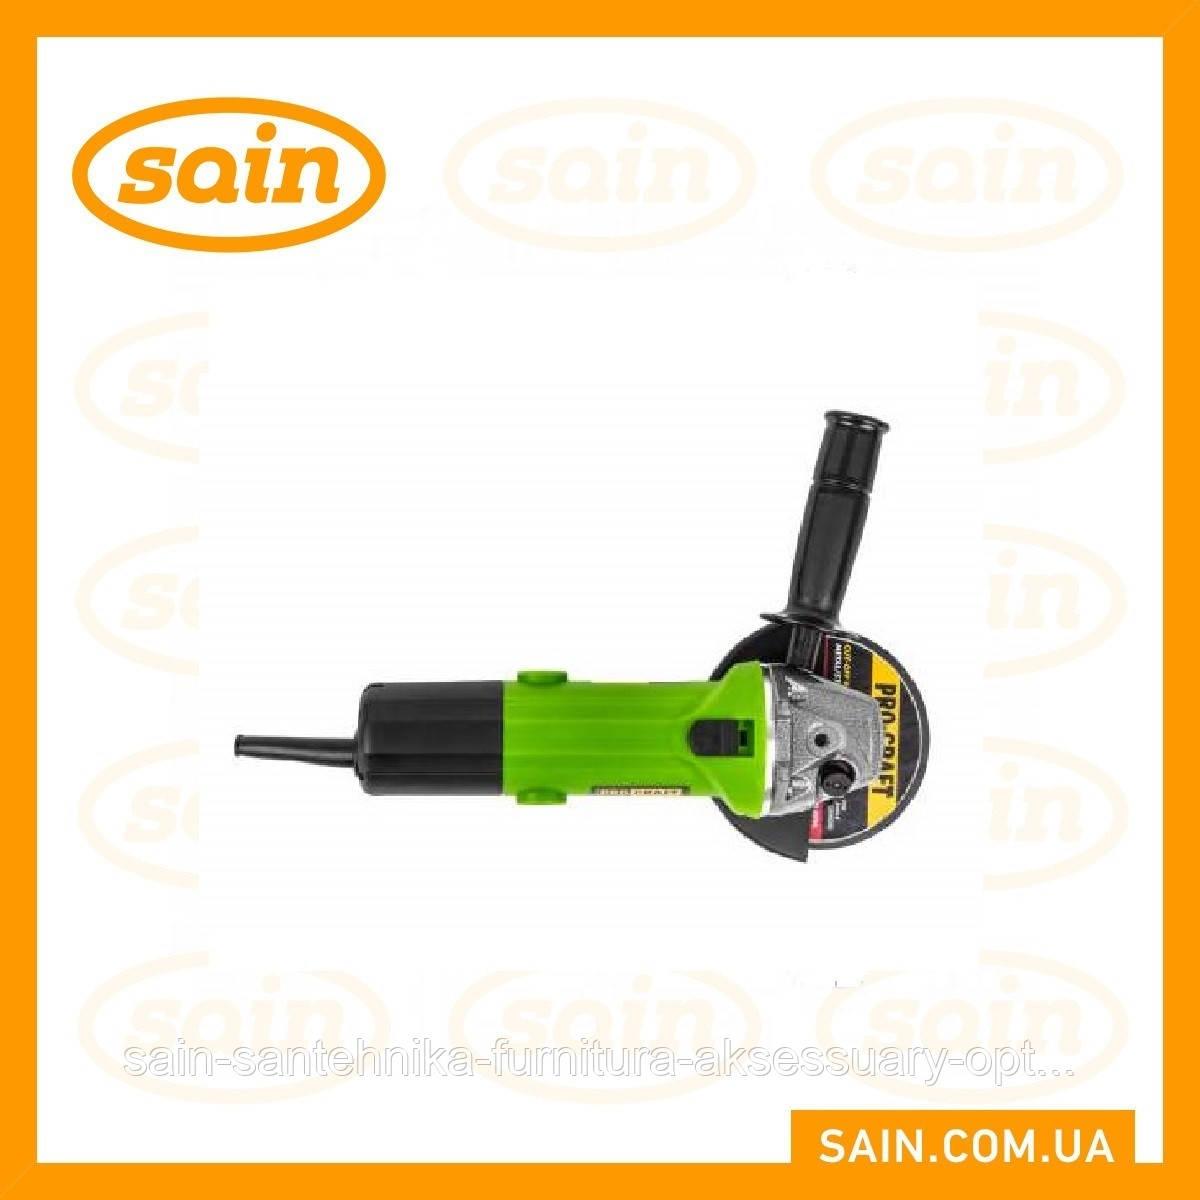 Углошлифовальная машина Procraft PW 1350 E 125